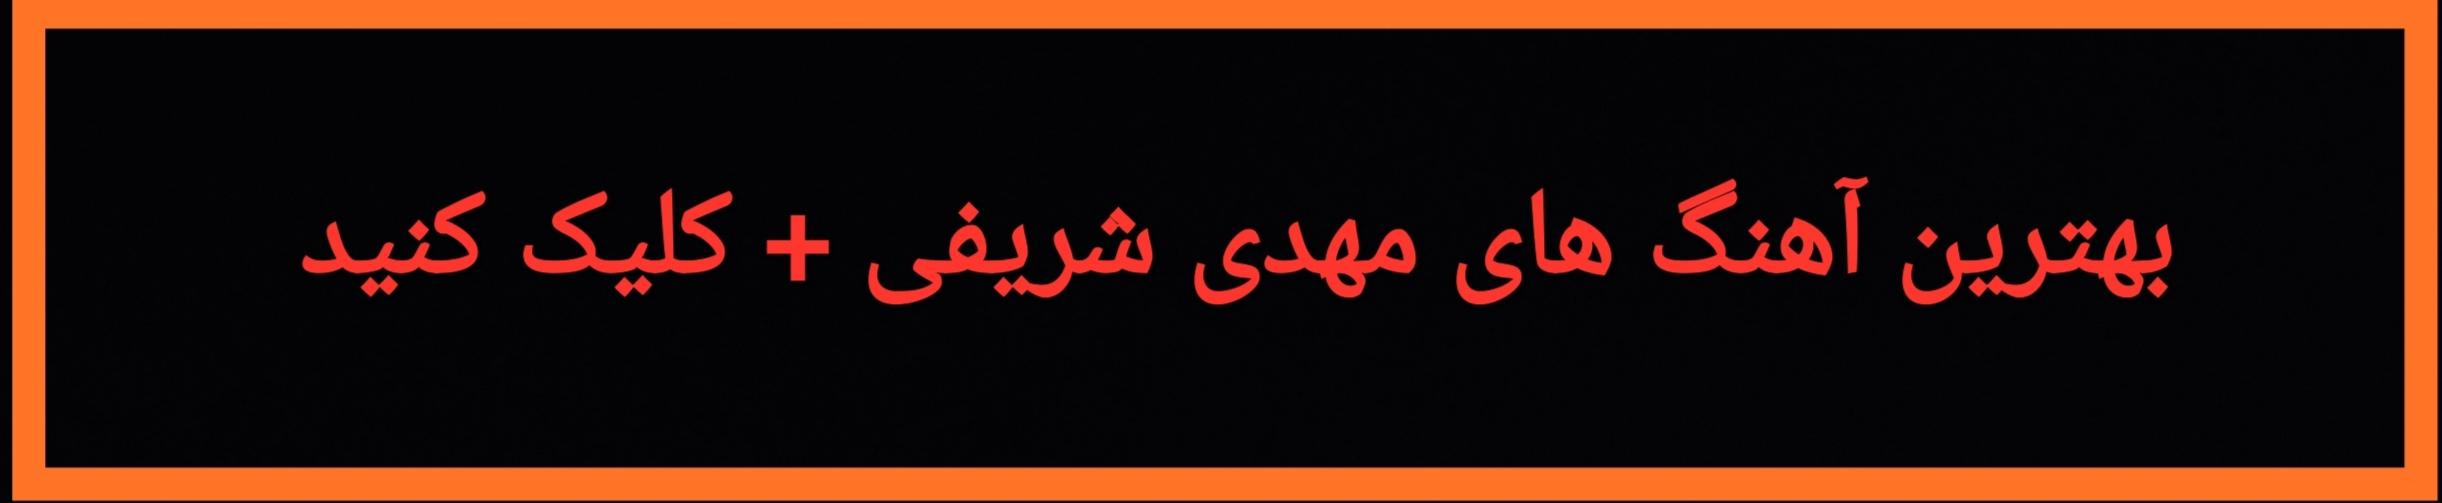 بهترین آهنگ های مهدی شریفی